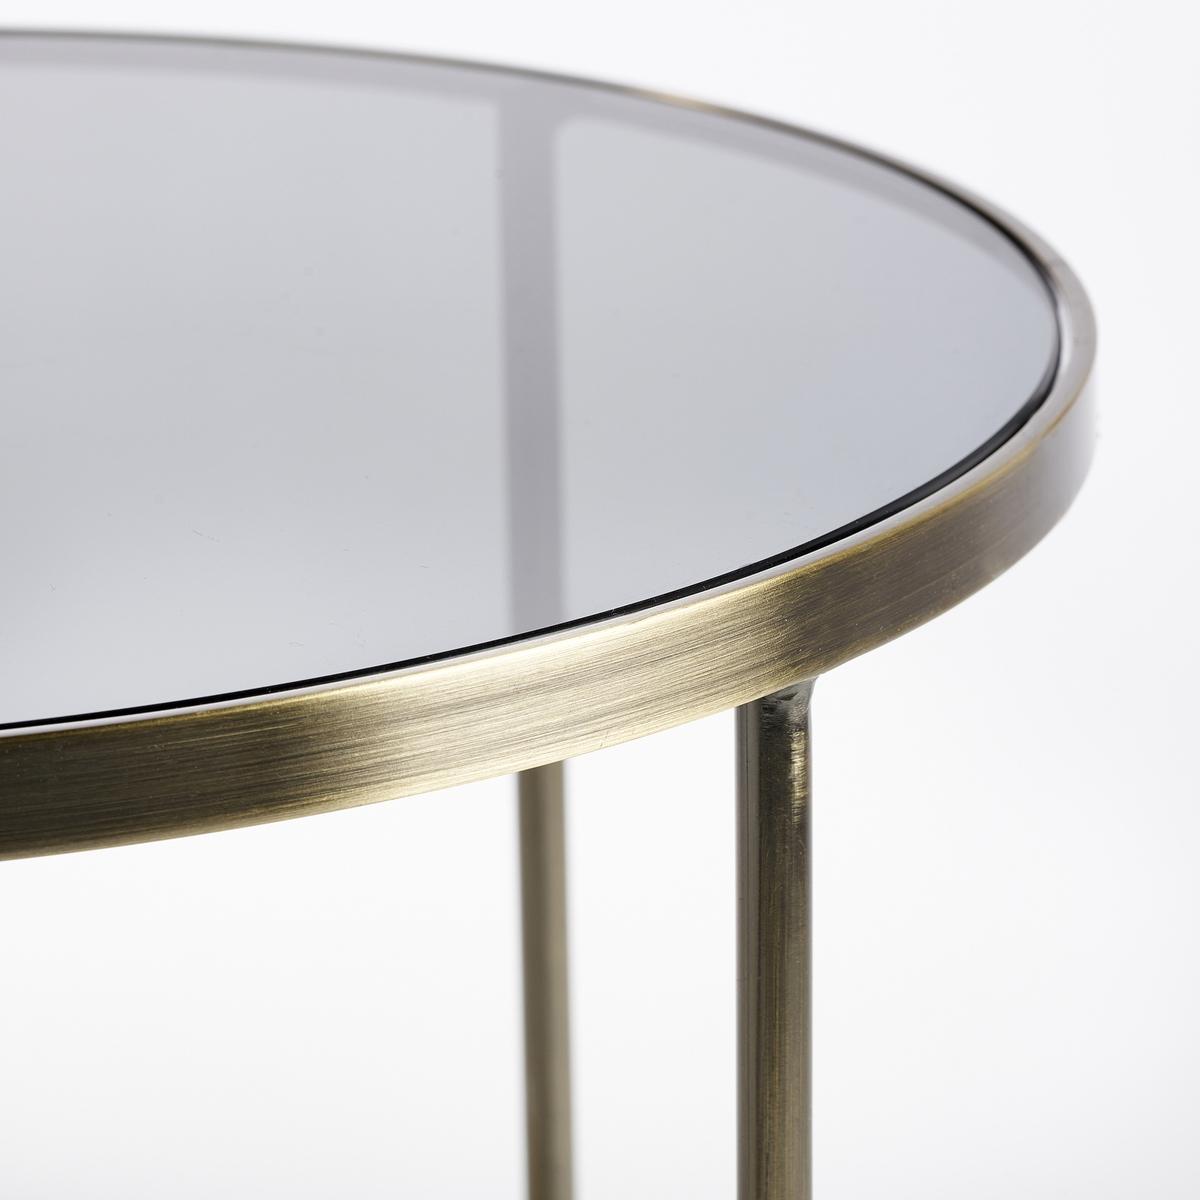 Столик диванный UlupnaДиванный столик Ulupna. Изящная круглая форма…Характеристики :- Каркас из металла с отделкой из латуни с эффектом старения- Верхняя столешница из дымчатого стекла- Нижняя столешница из зеркала- Поставляется в собранном видеРазмеры : - диаметр 40 x высота 40 см Размеры и вес упаковки : - Ш.47,5 x В.51,5 x Г.47,5 см, 9,45 кг<br><br>Цвет: старинная латунь<br>Размер: единый размер